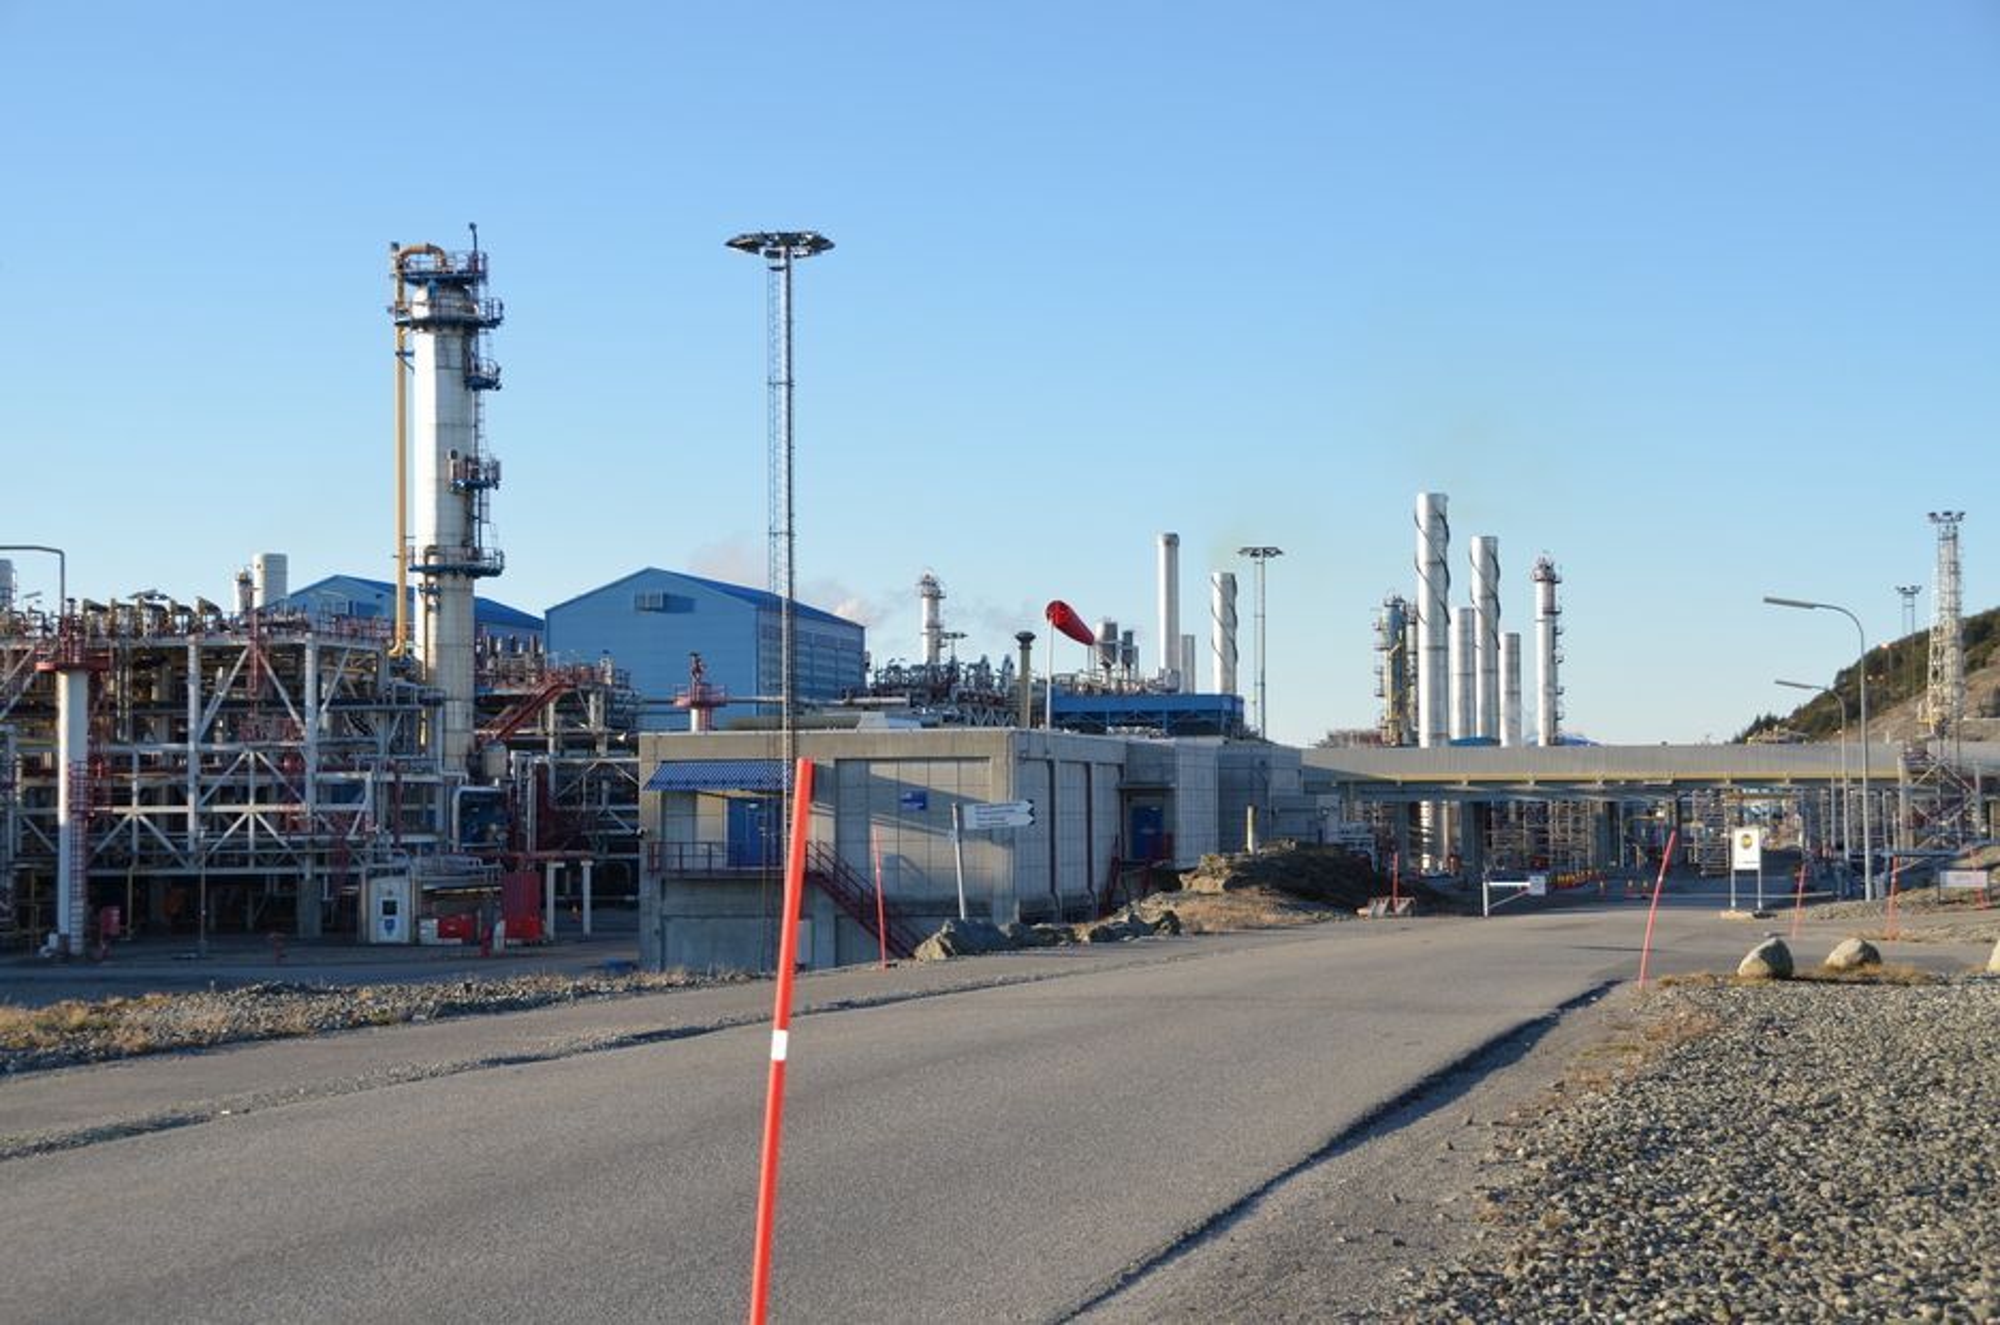 MILLIARDER: Gassled eier anleggene på Kårstø og Kollsnes og disponerer tilsammen 8000 km med rørledninger.Foto: Anders Steensen